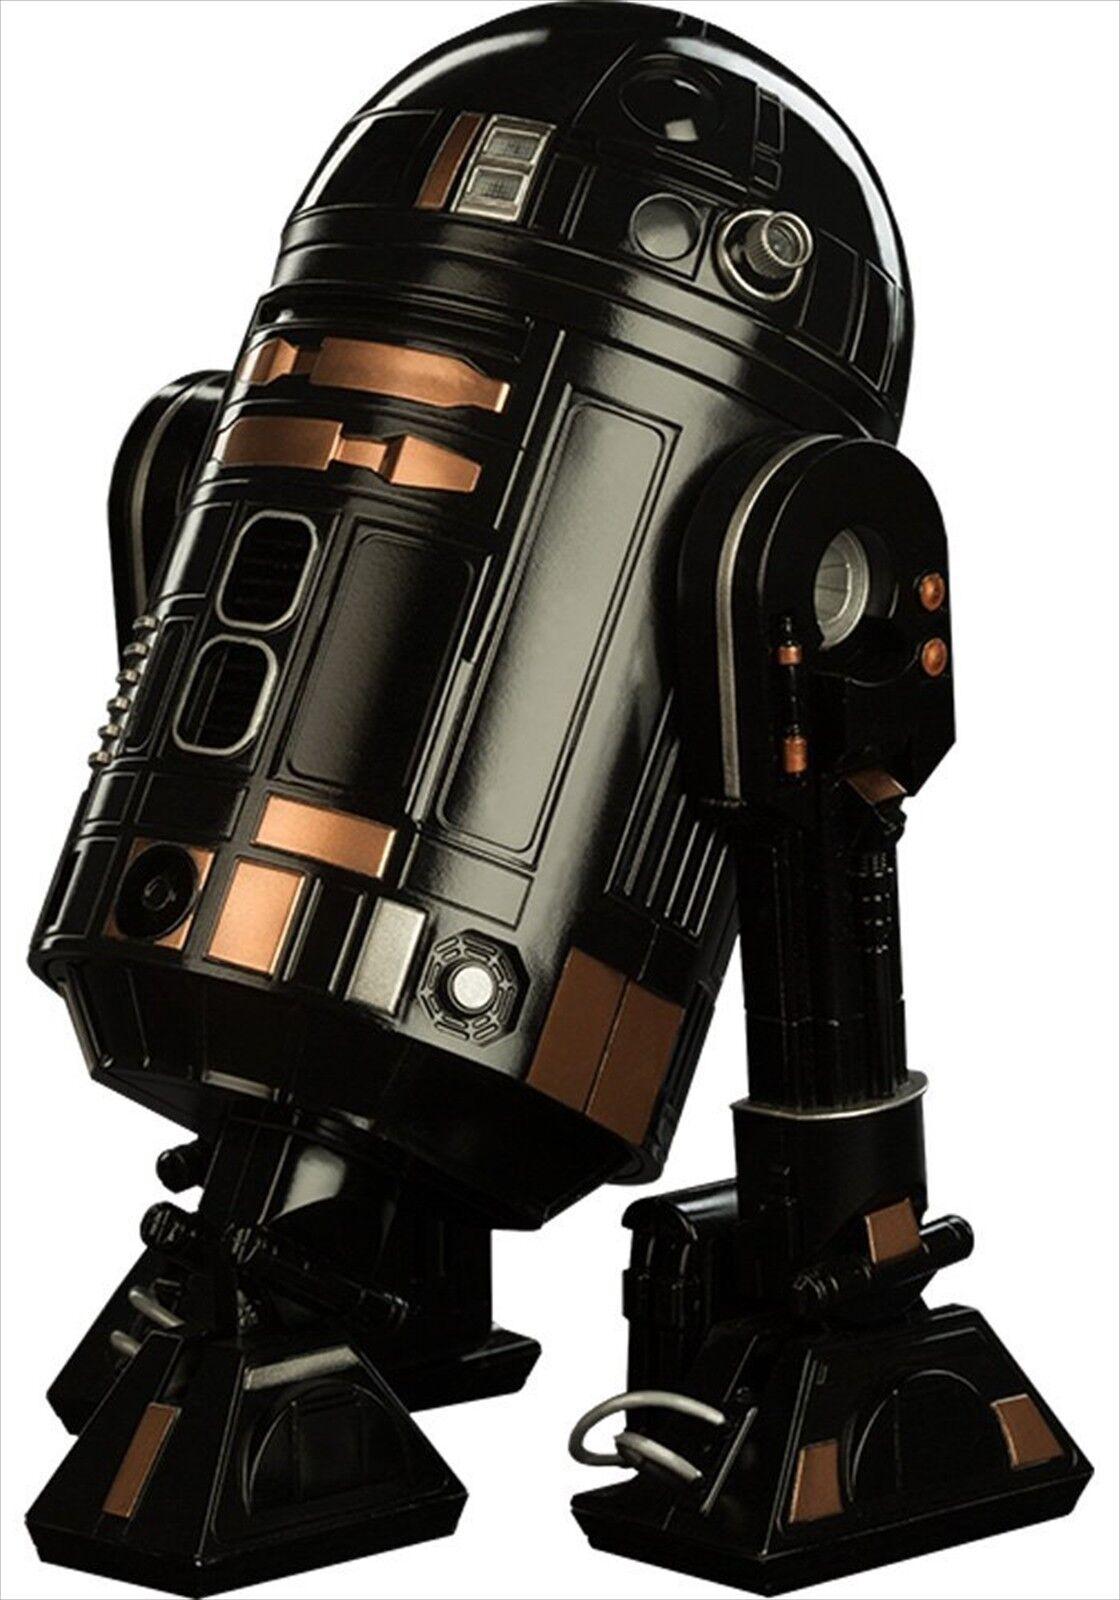 Sideshow Droids De Star Wars Star Wars R2-Q5 1/6 Completo Figura De Acción